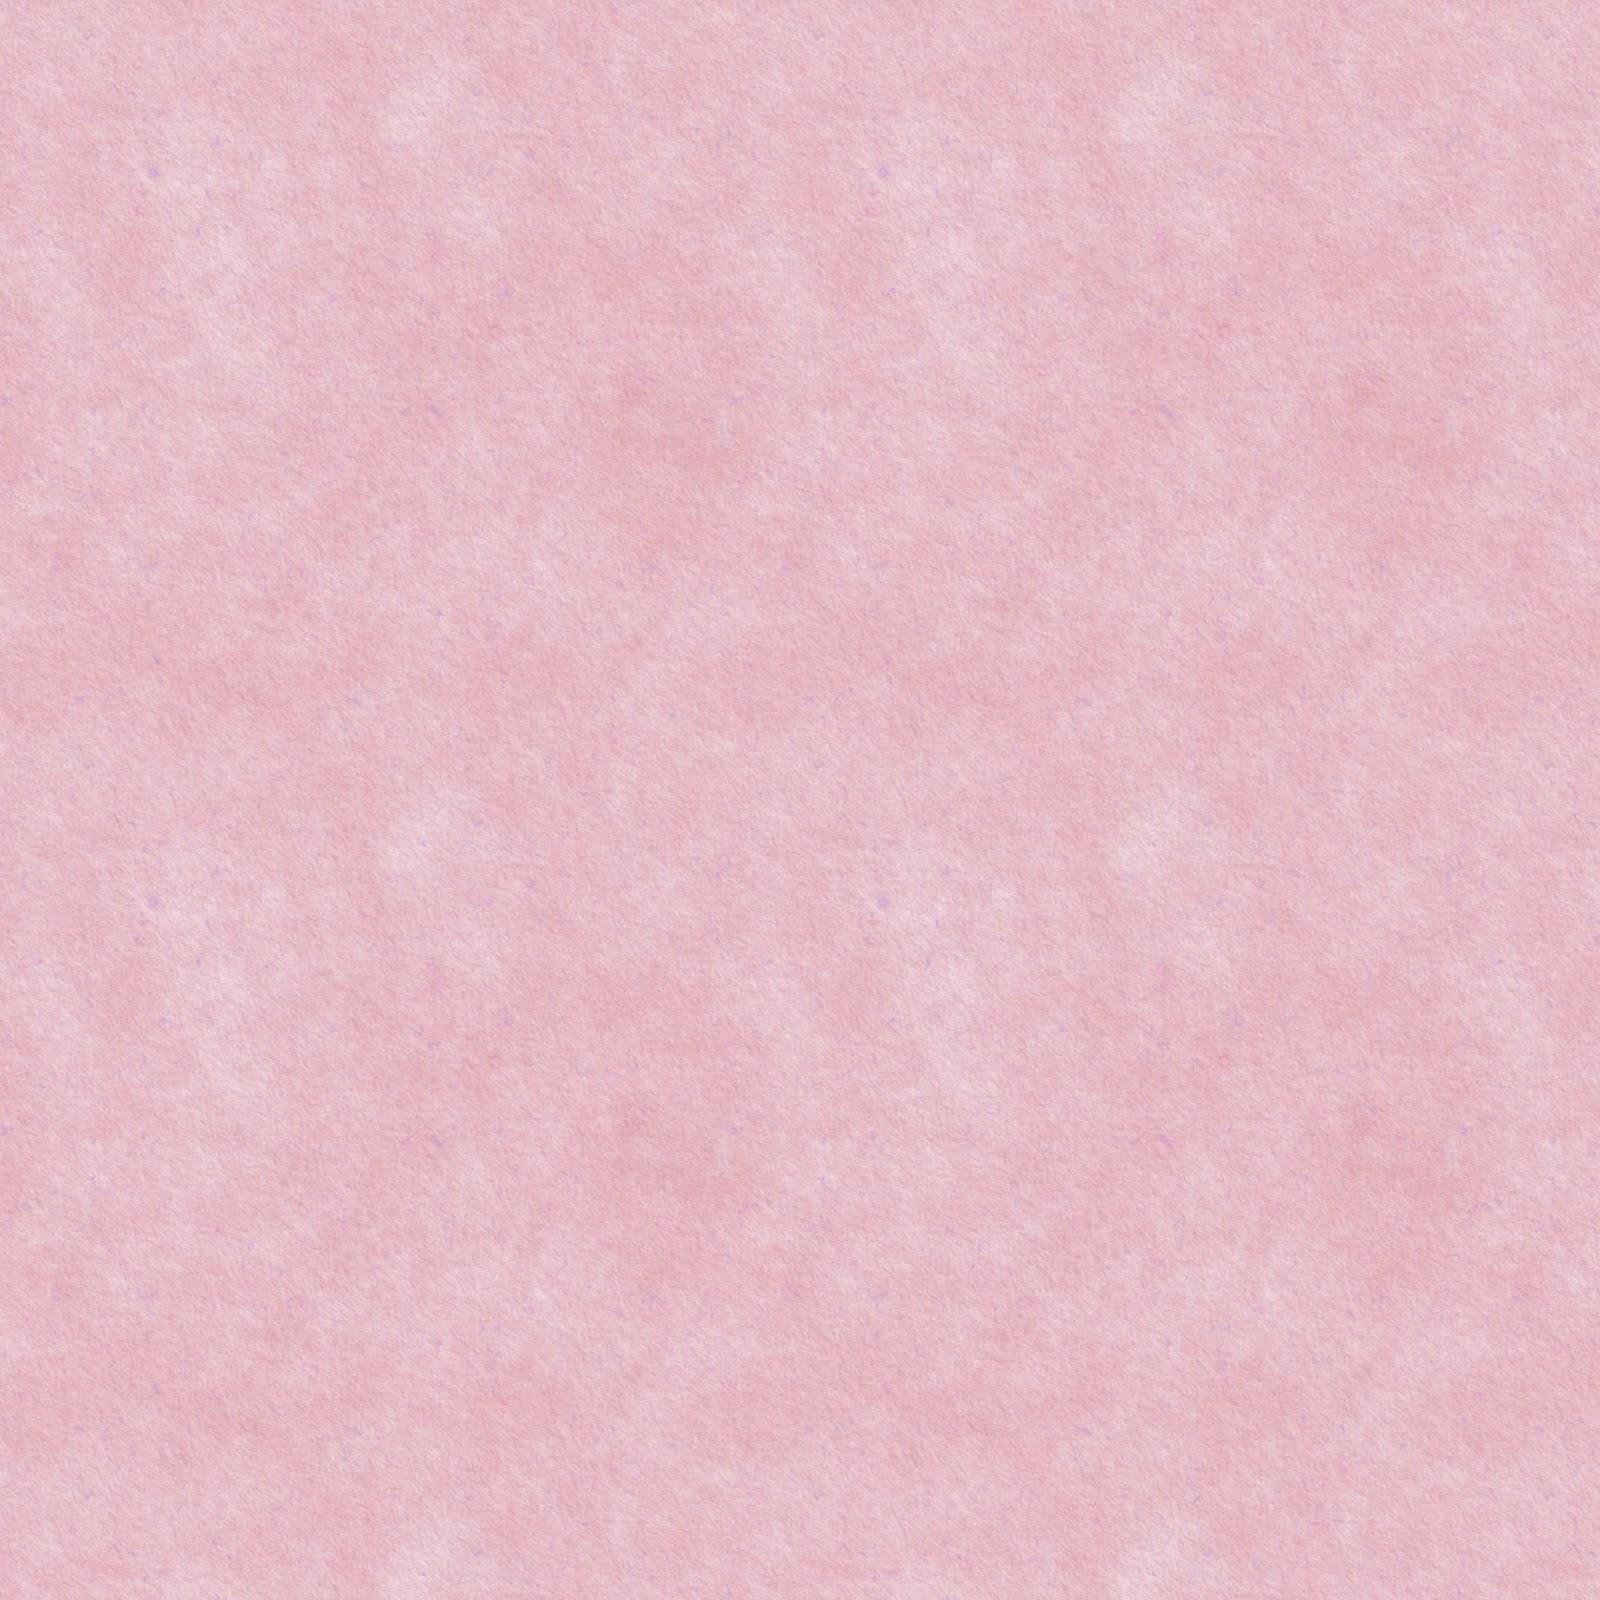 Fondos para blog y web rosados fondos de pantalla y for Fondos para paginas web